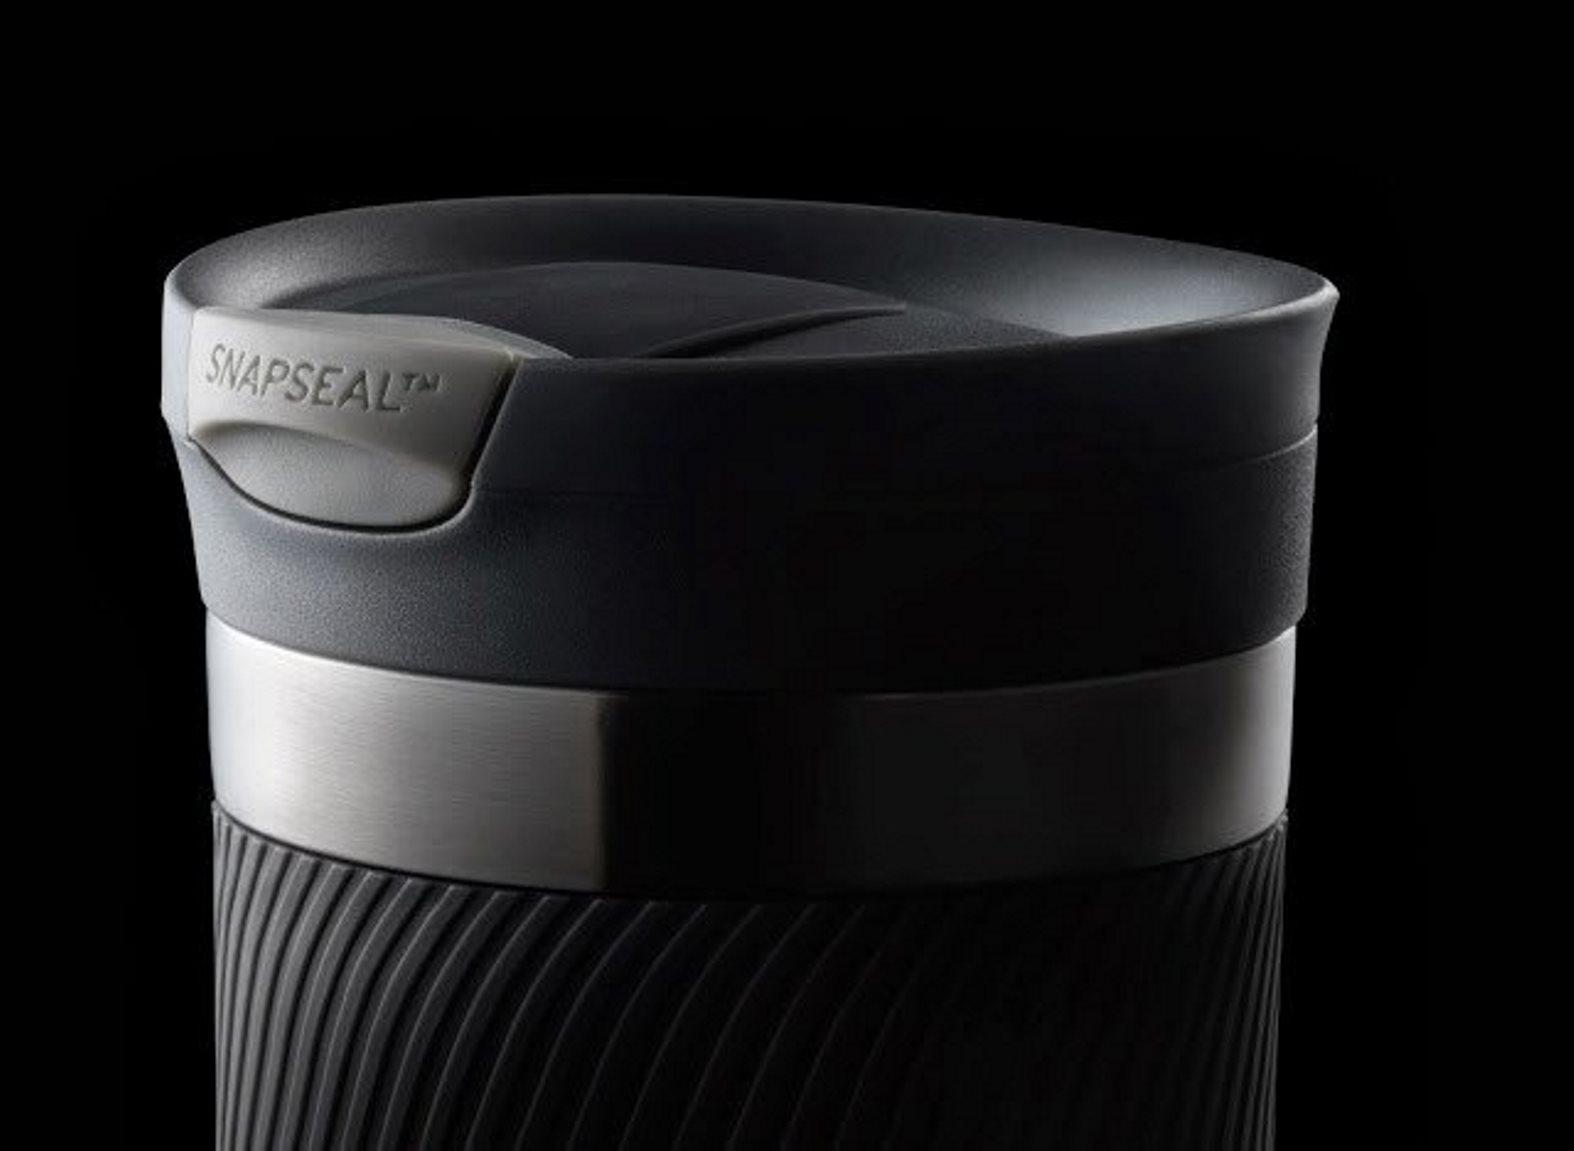 Термостакан Contigo BYRON 16, объем 0,47 л, серебристый с черным Contigo 2095558 фото 7